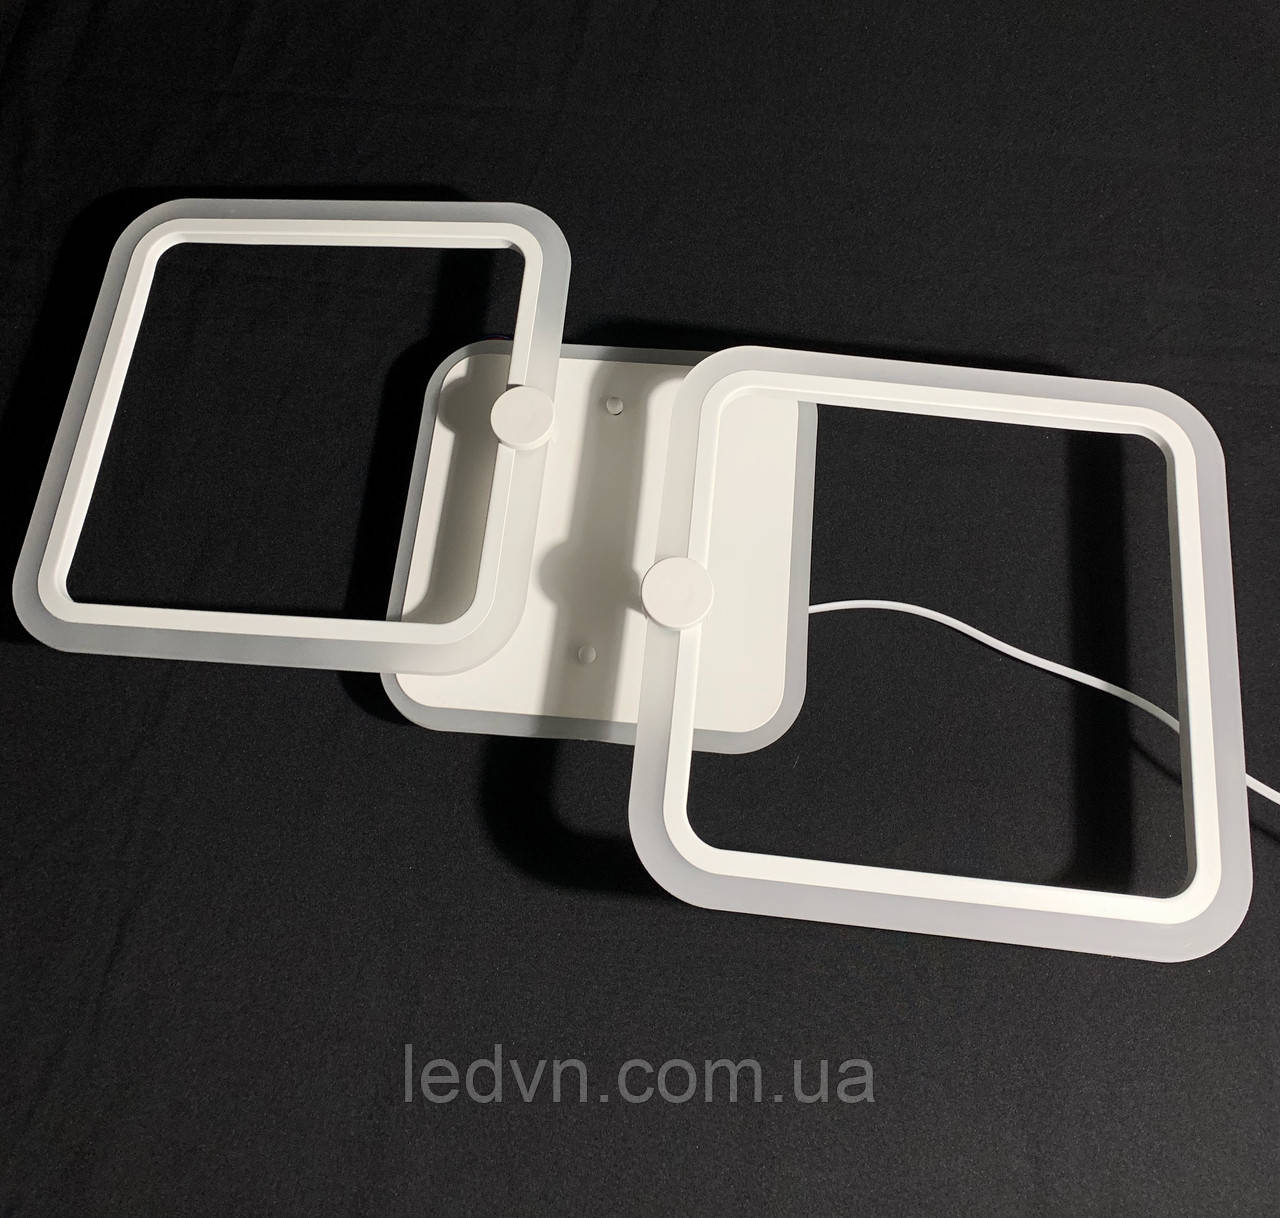 Светодиодная led люстра 2 квадрата белая 55 ватт